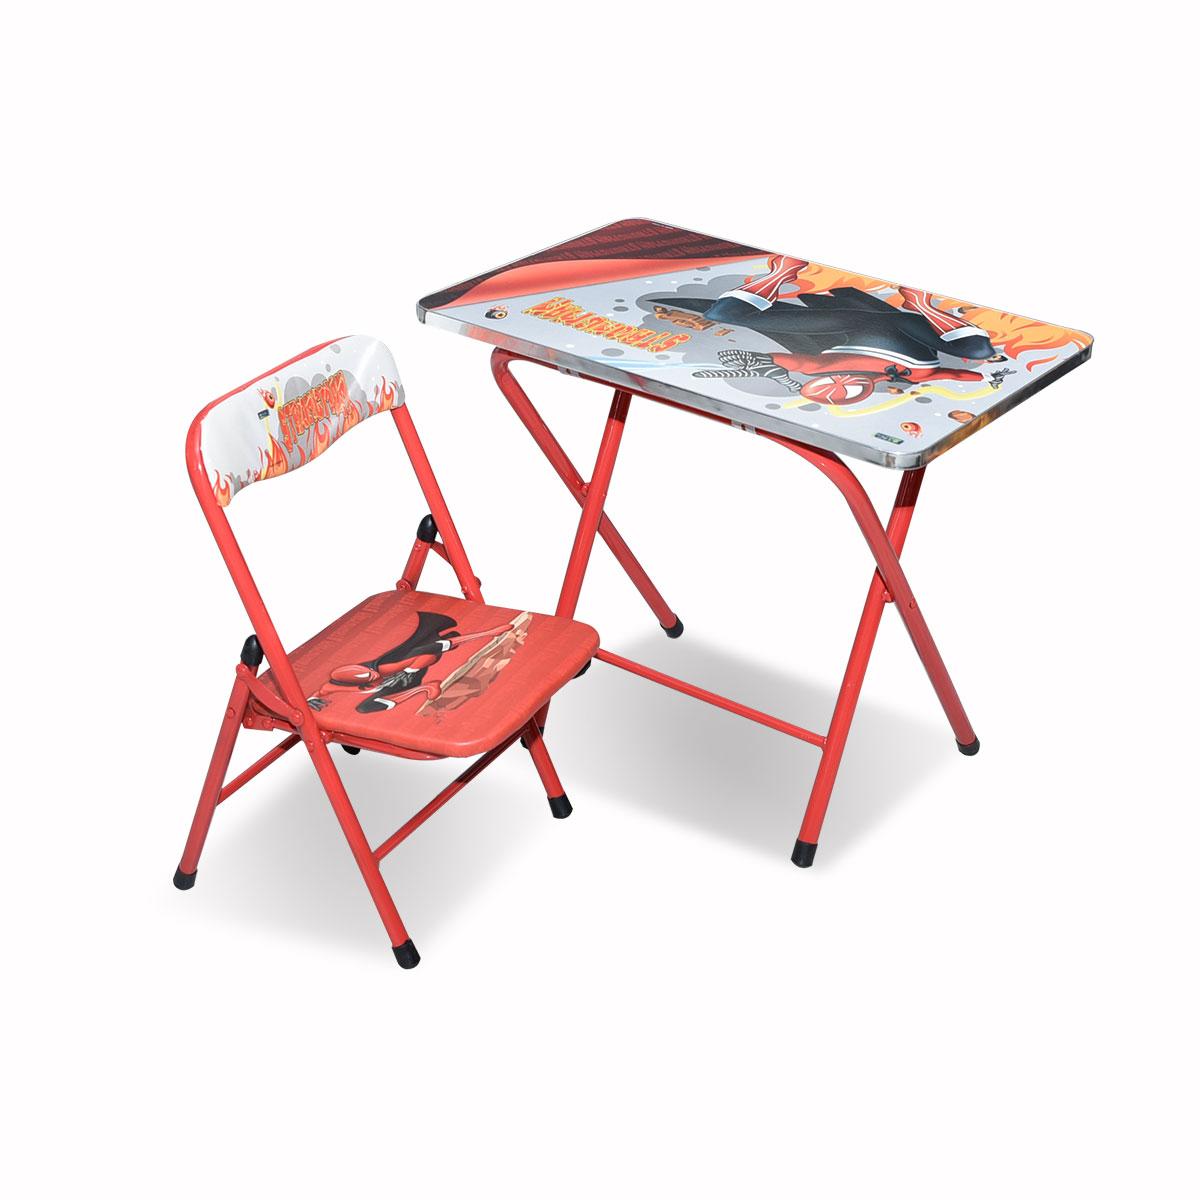 طاولة اطفال مدرسية  خشب بقواعد من الحديد + كرسي  4037-039